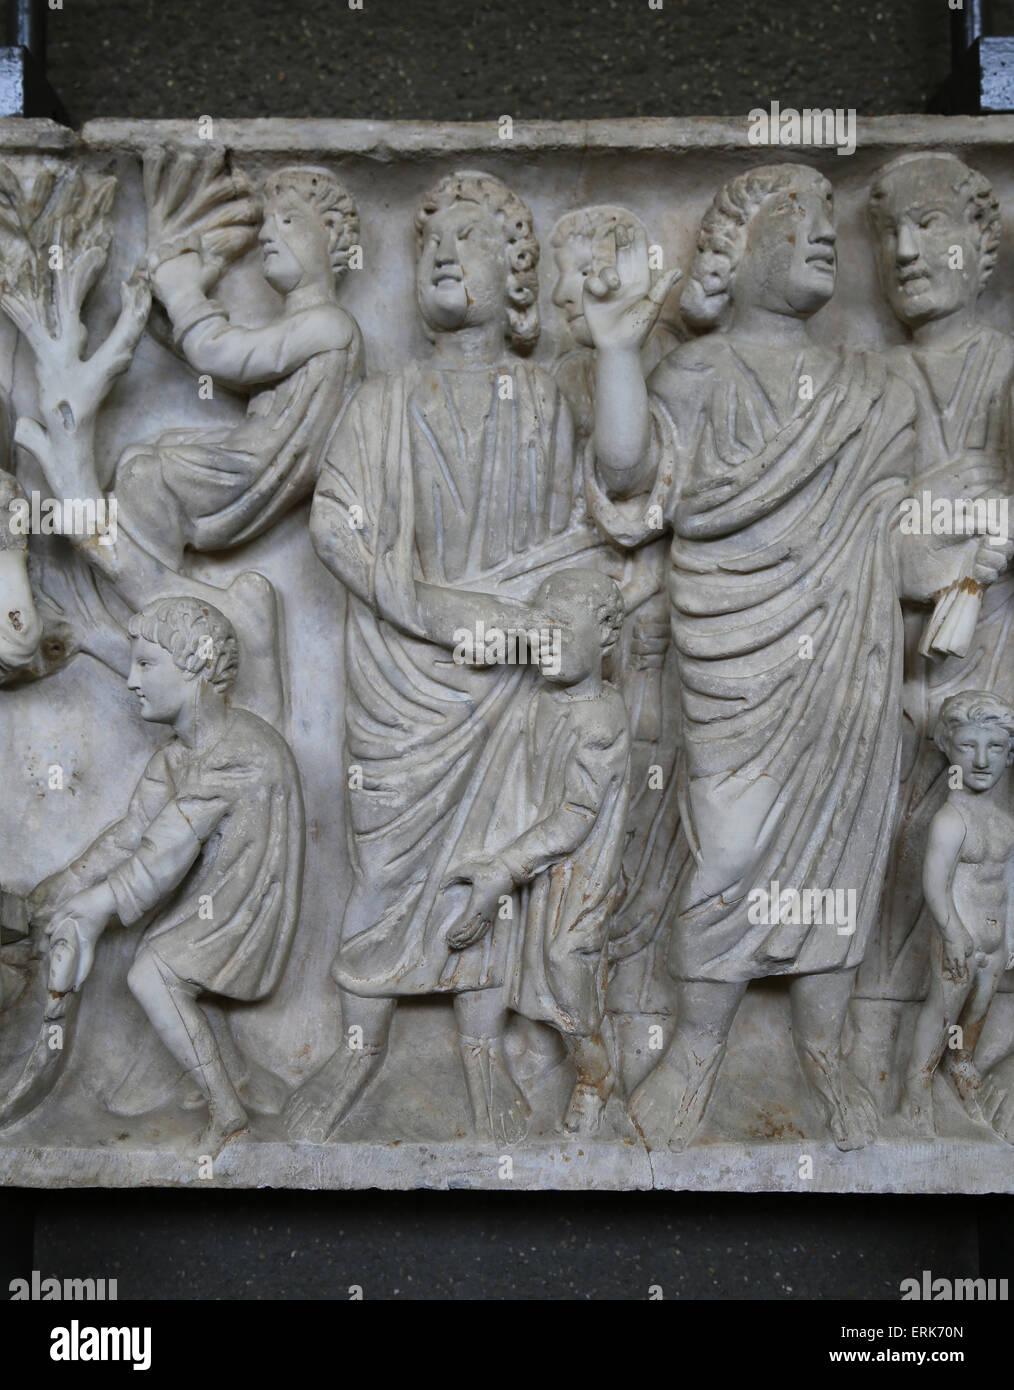 Römischer Sarkophag. Frühchristliche. 4. c. Detail. Jesus Heilung blinden Mann. Vatikanischen Museen. Stockbild